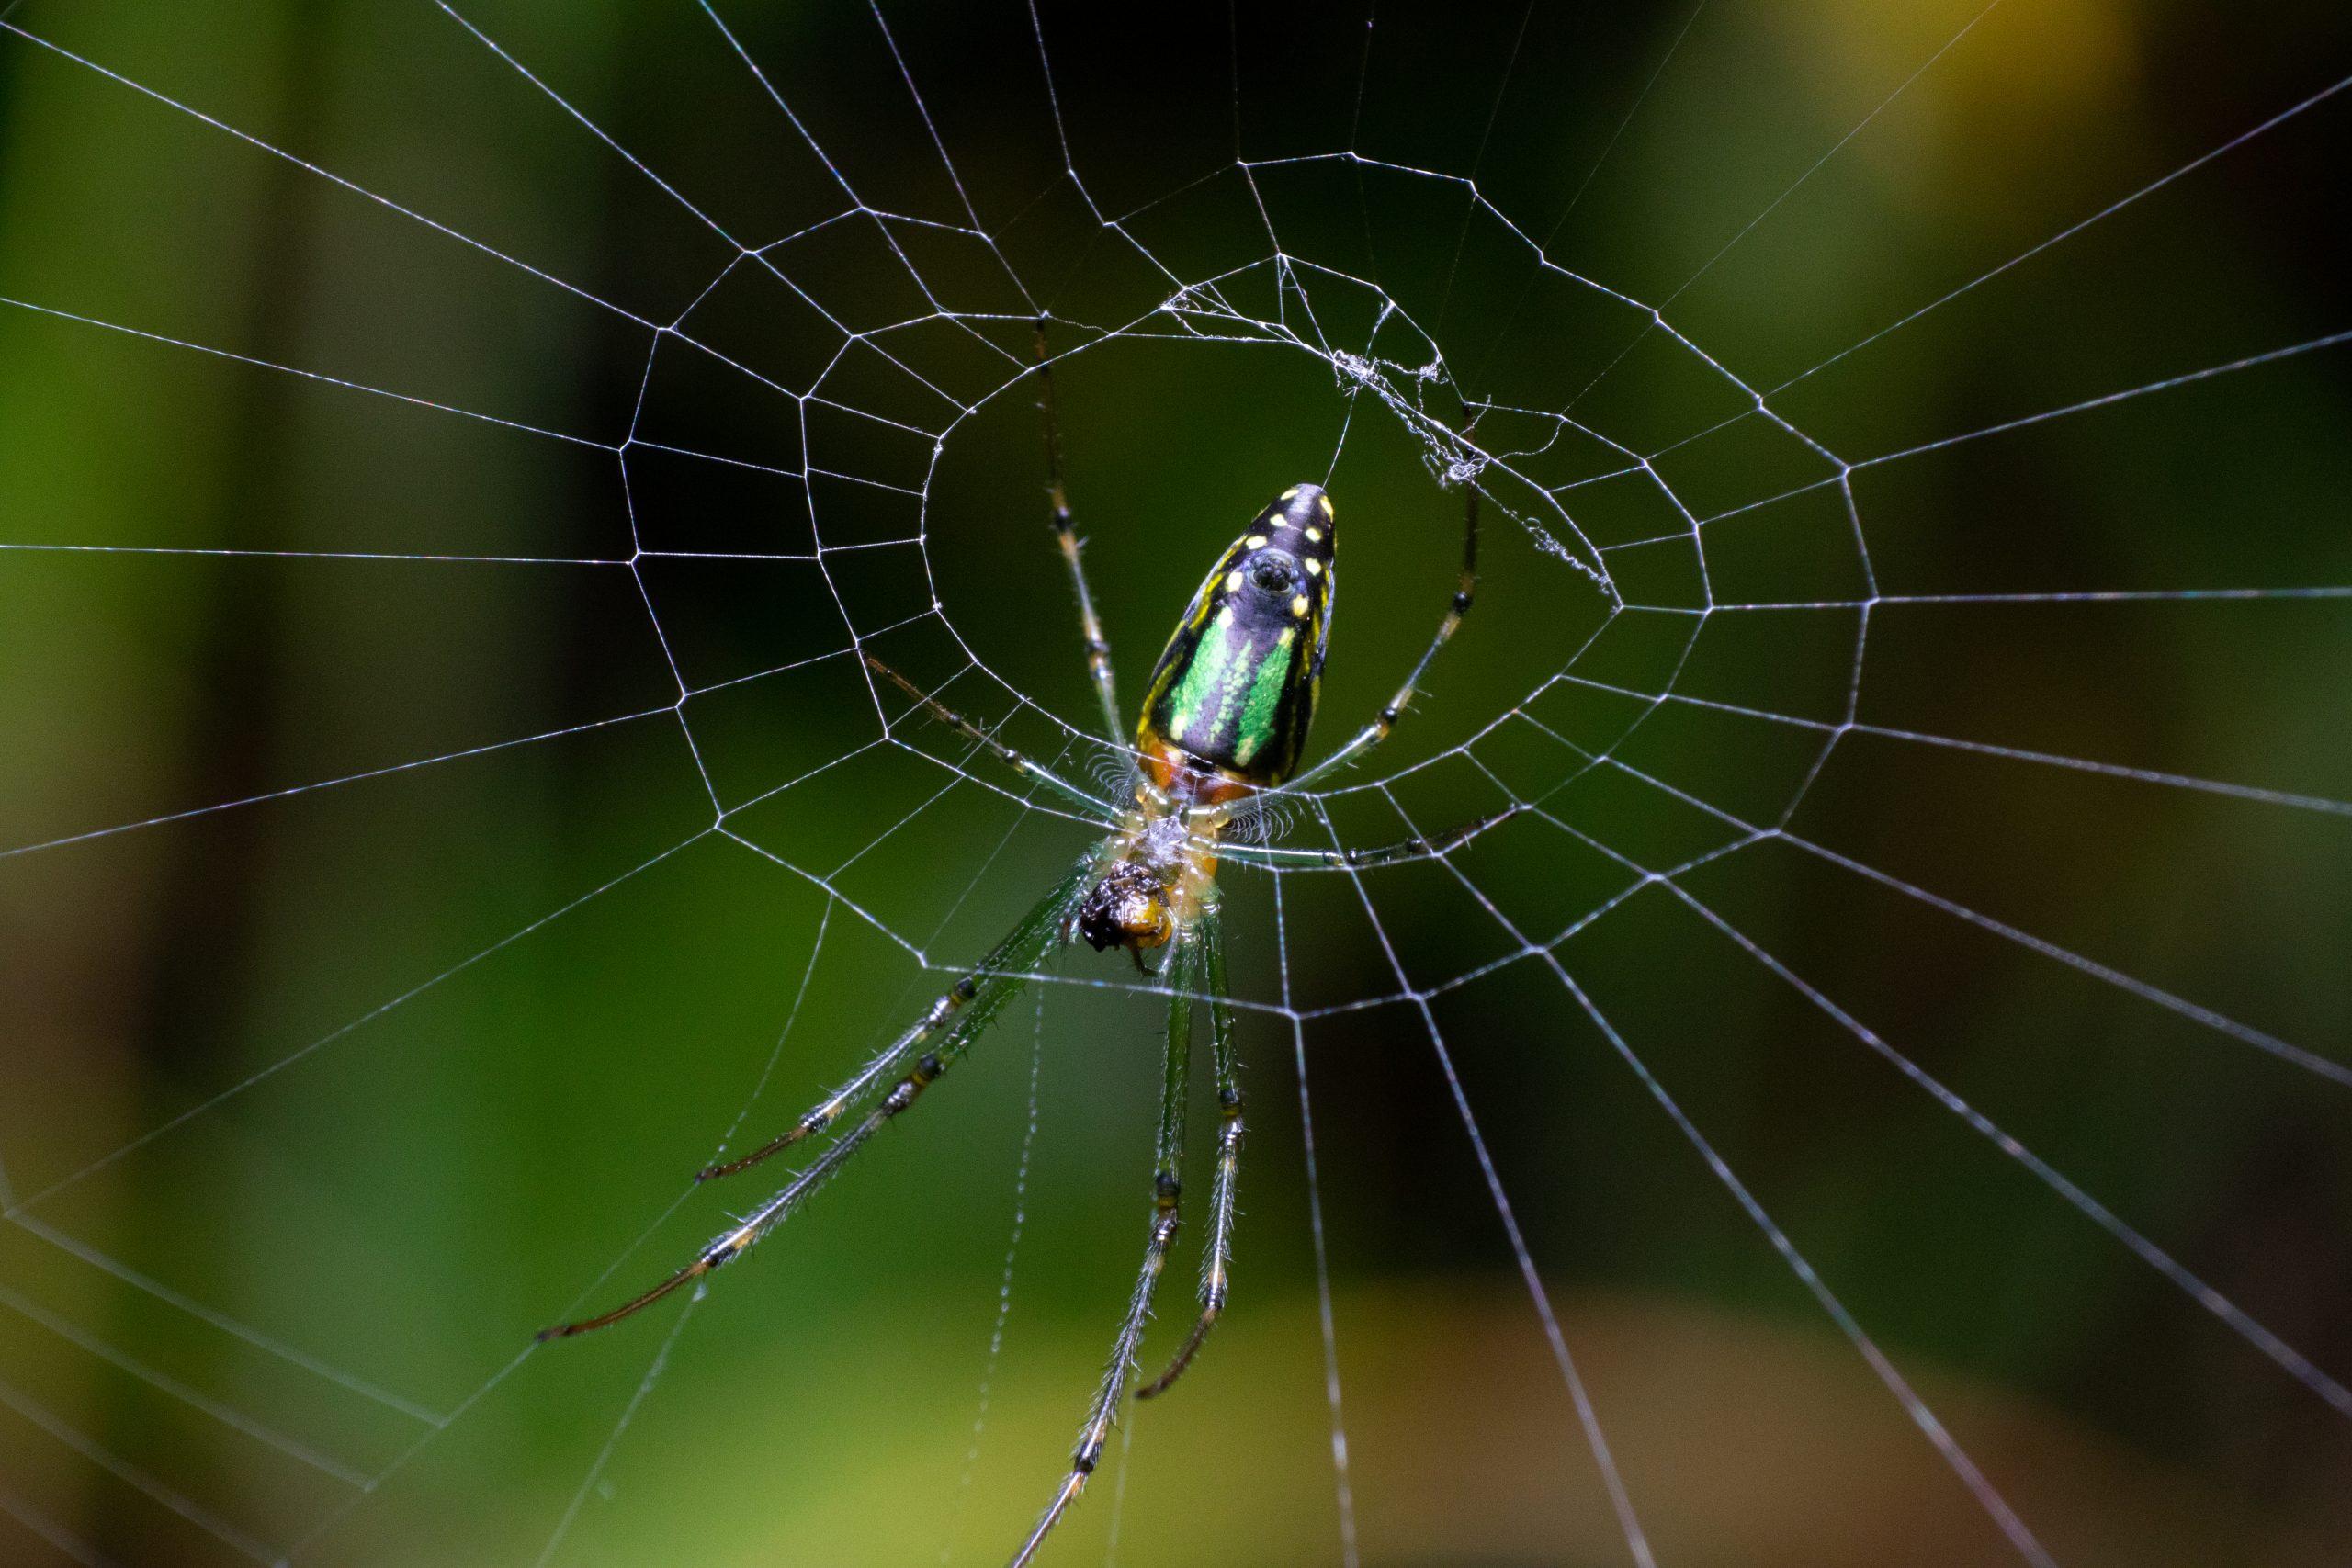 Spider's Cobweb